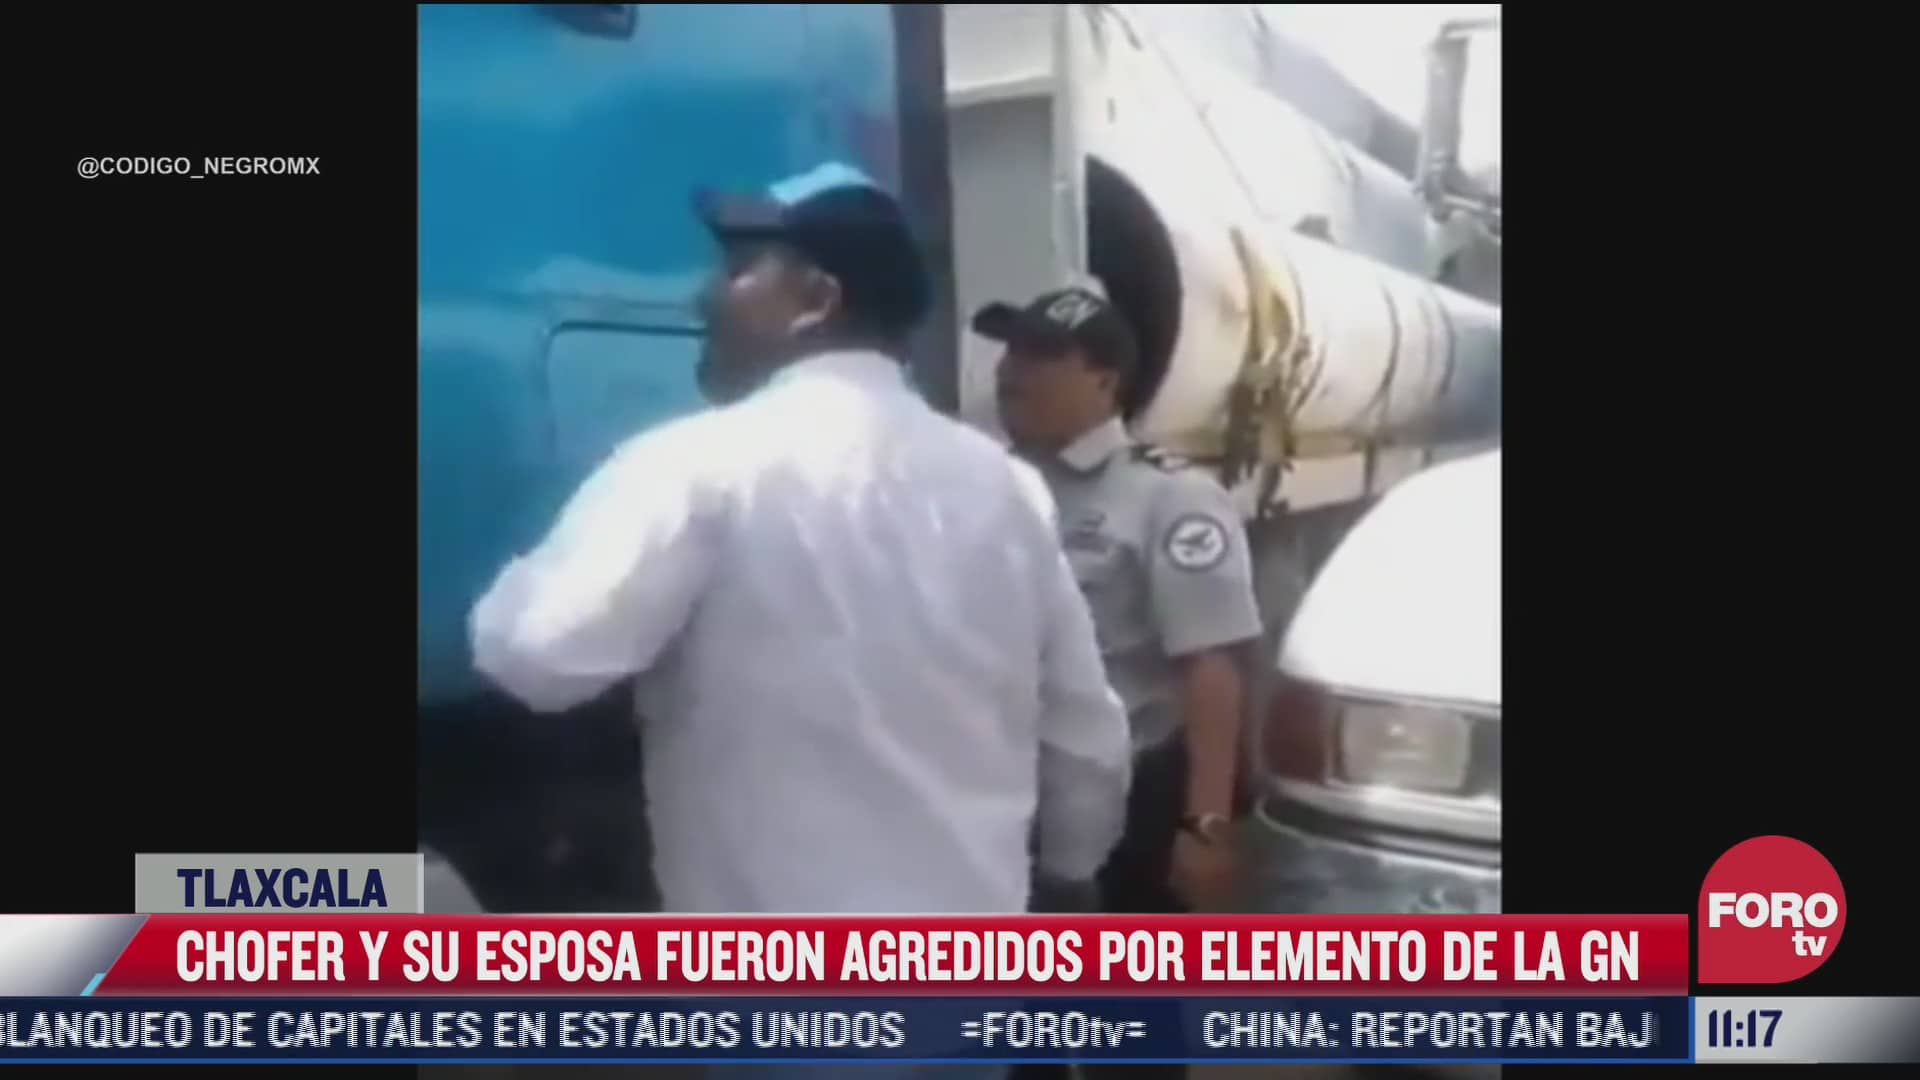 captan a elemento de la guardia nacional peleando con chofer de trailer tras supuesta extorsion